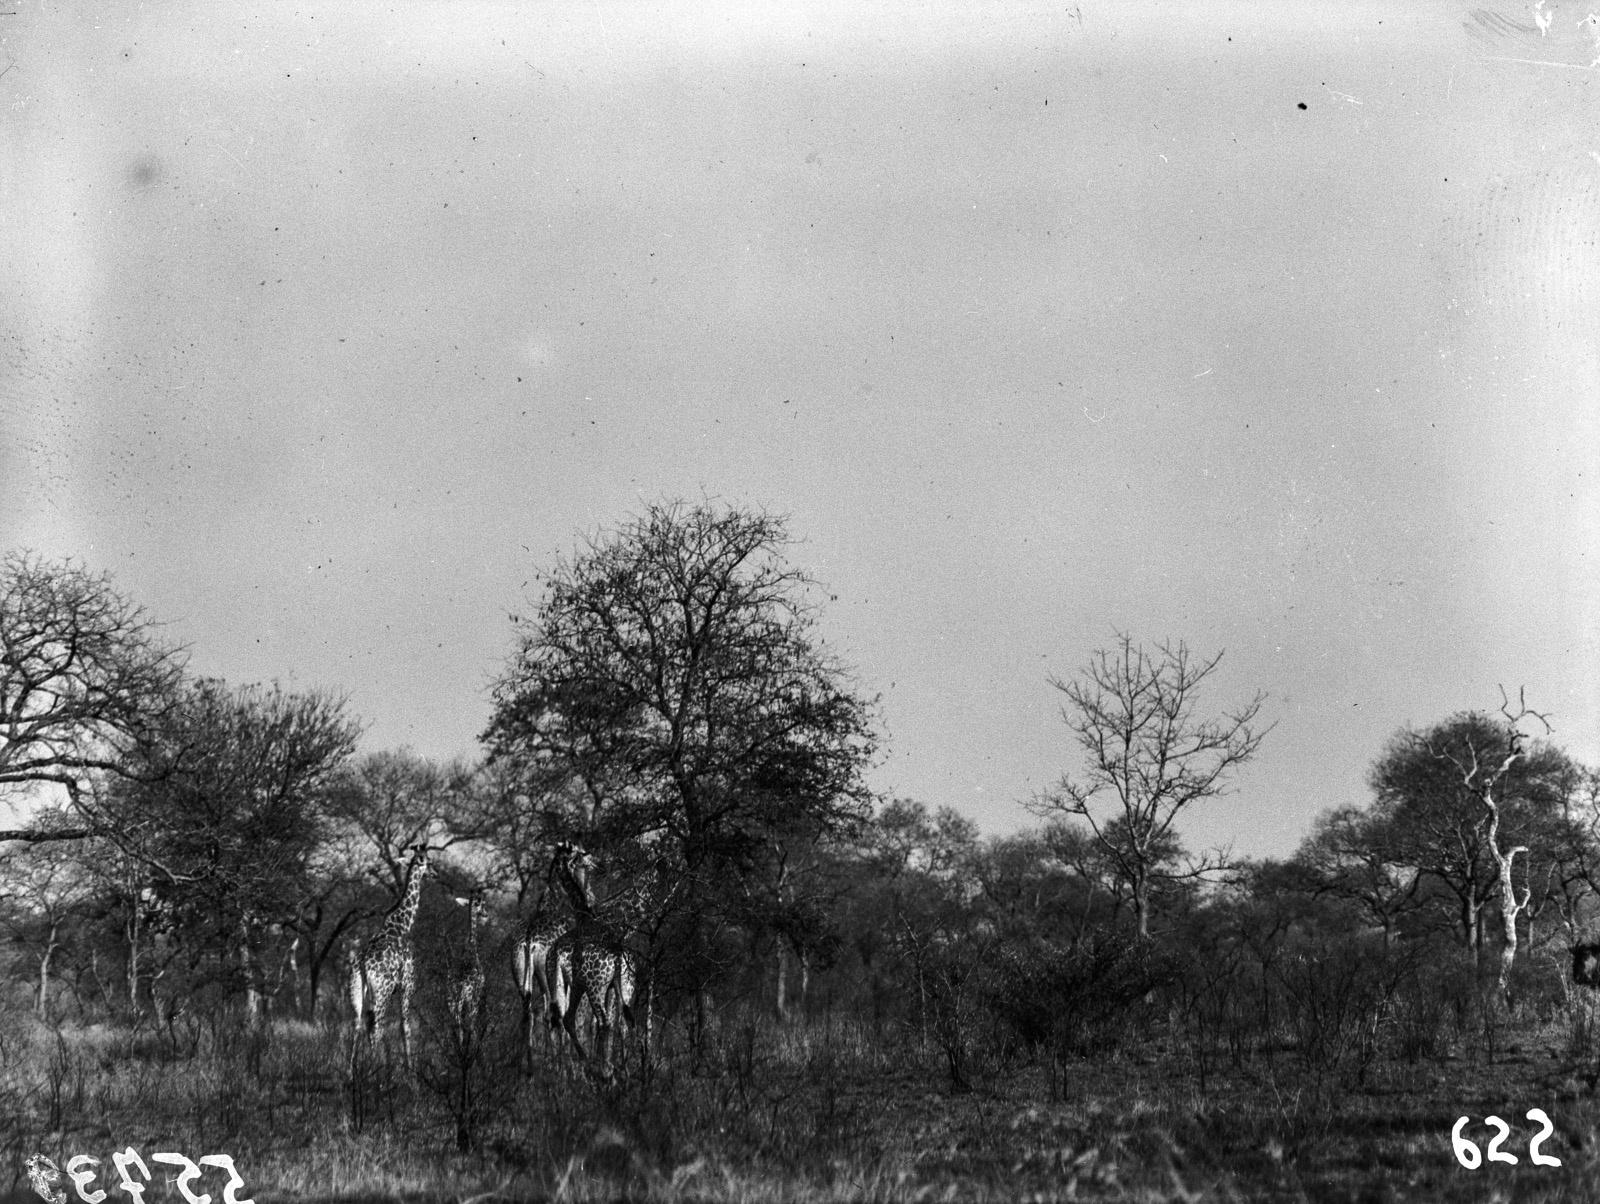 Национальный парк Крюгера. Жирафы в саванне